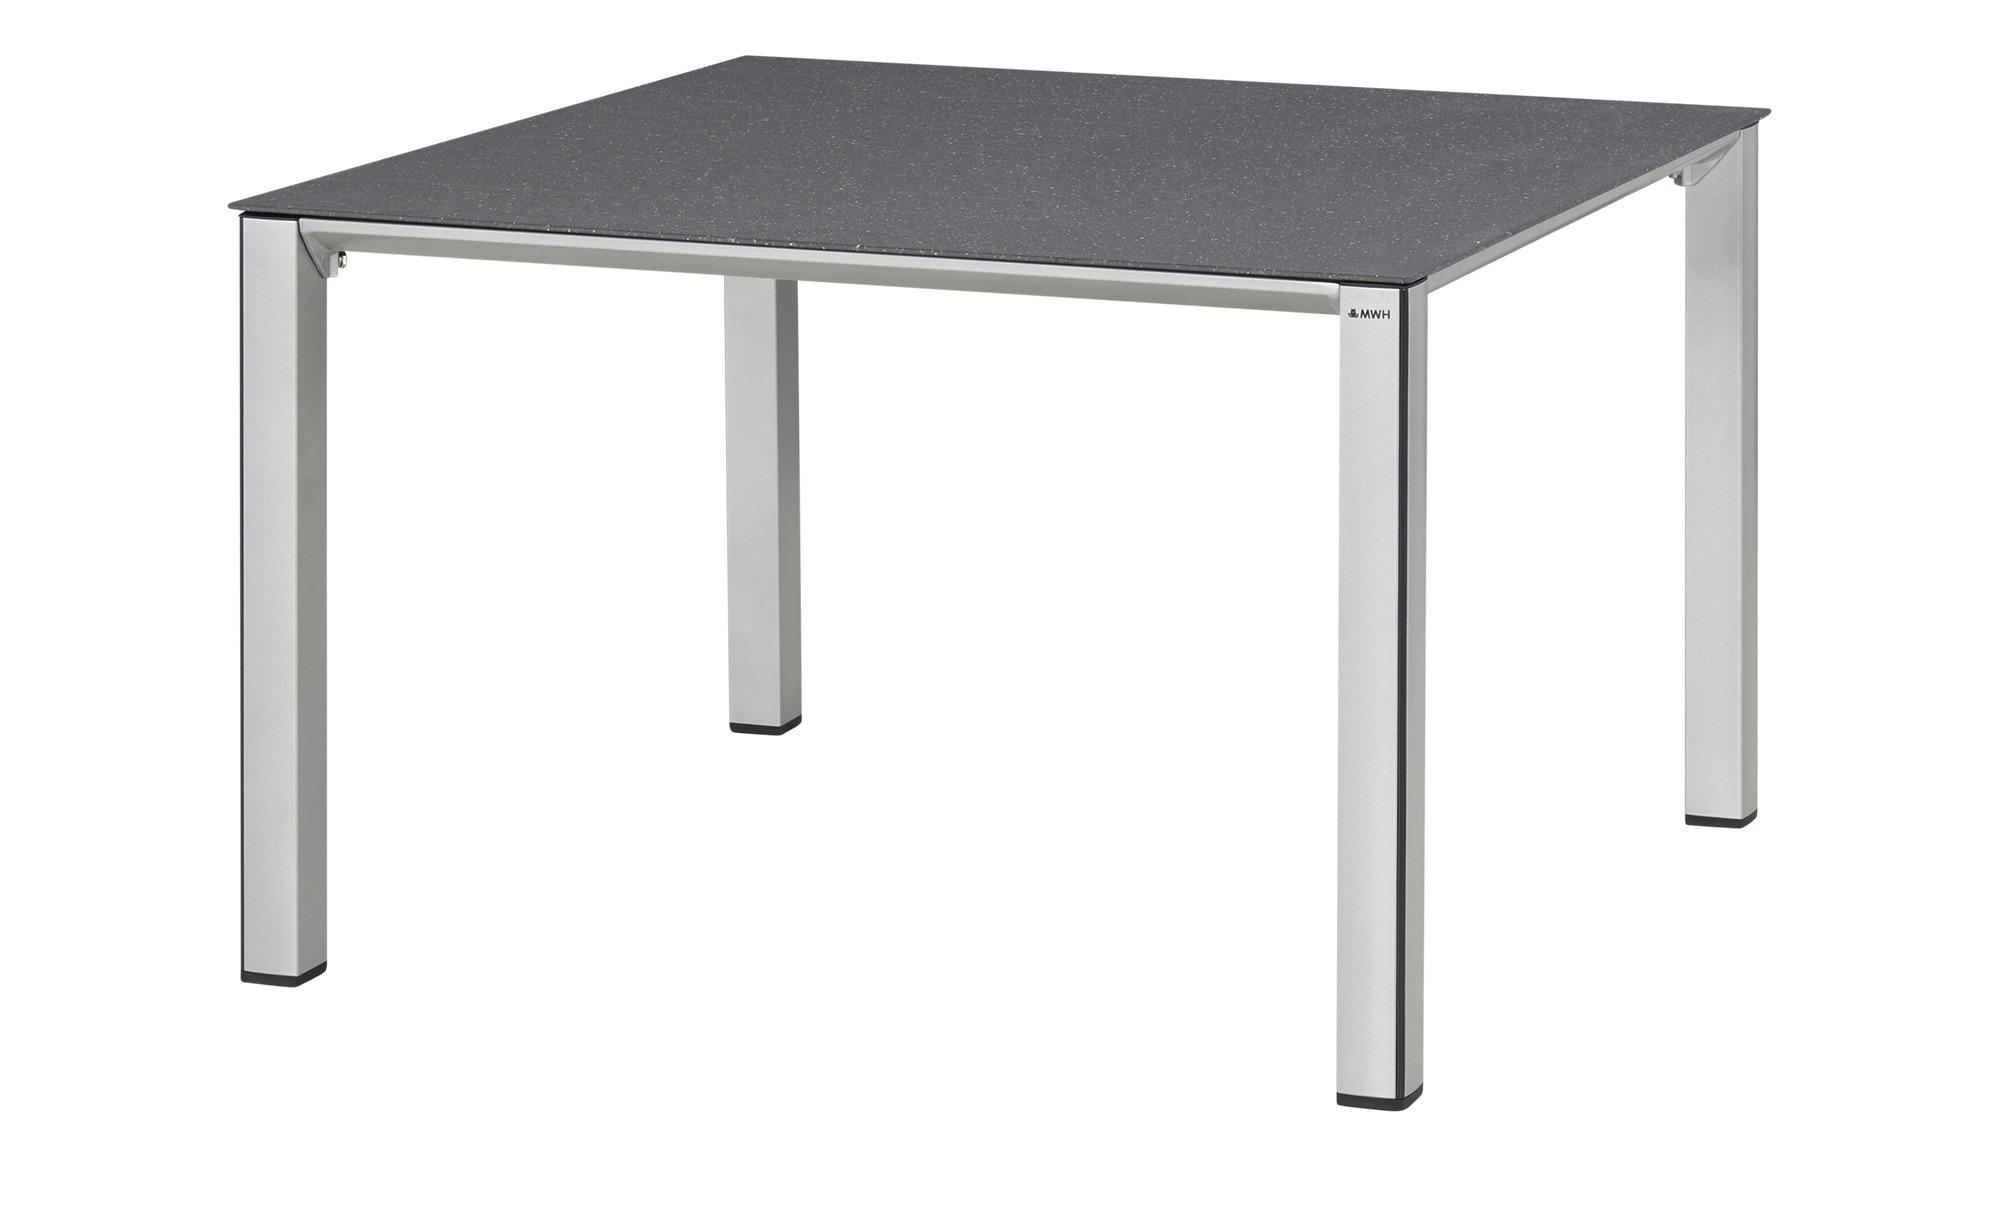 MWH Tisch  Elements ¦ silber ¦ Maße (cm): B: 100 H: 63,5 Garten > Gartenmöbel > Gartentische - Höffner